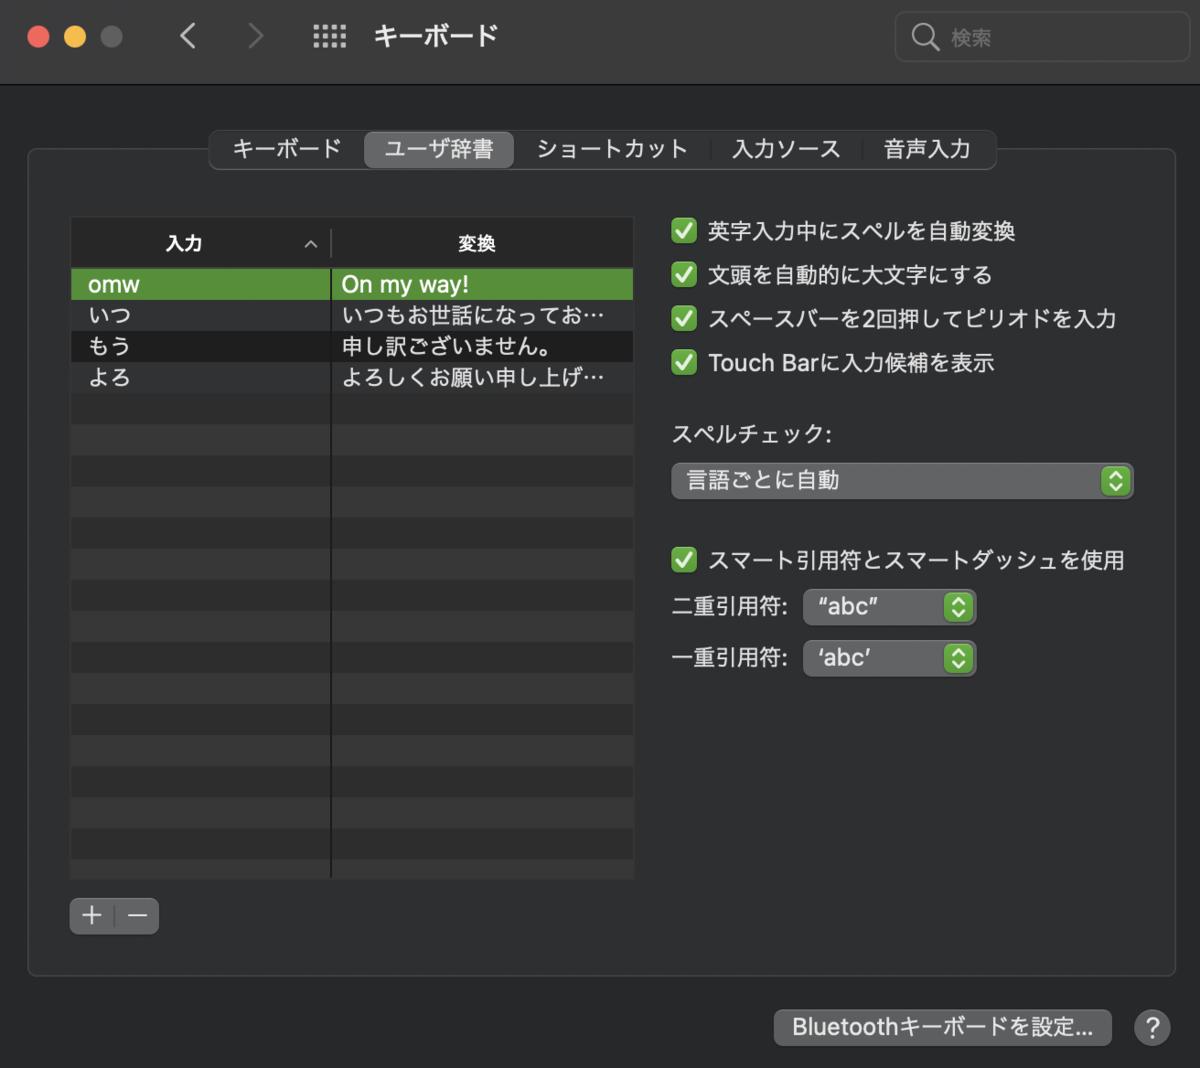 f:id:Chan-Naru:20210525073210p:plain